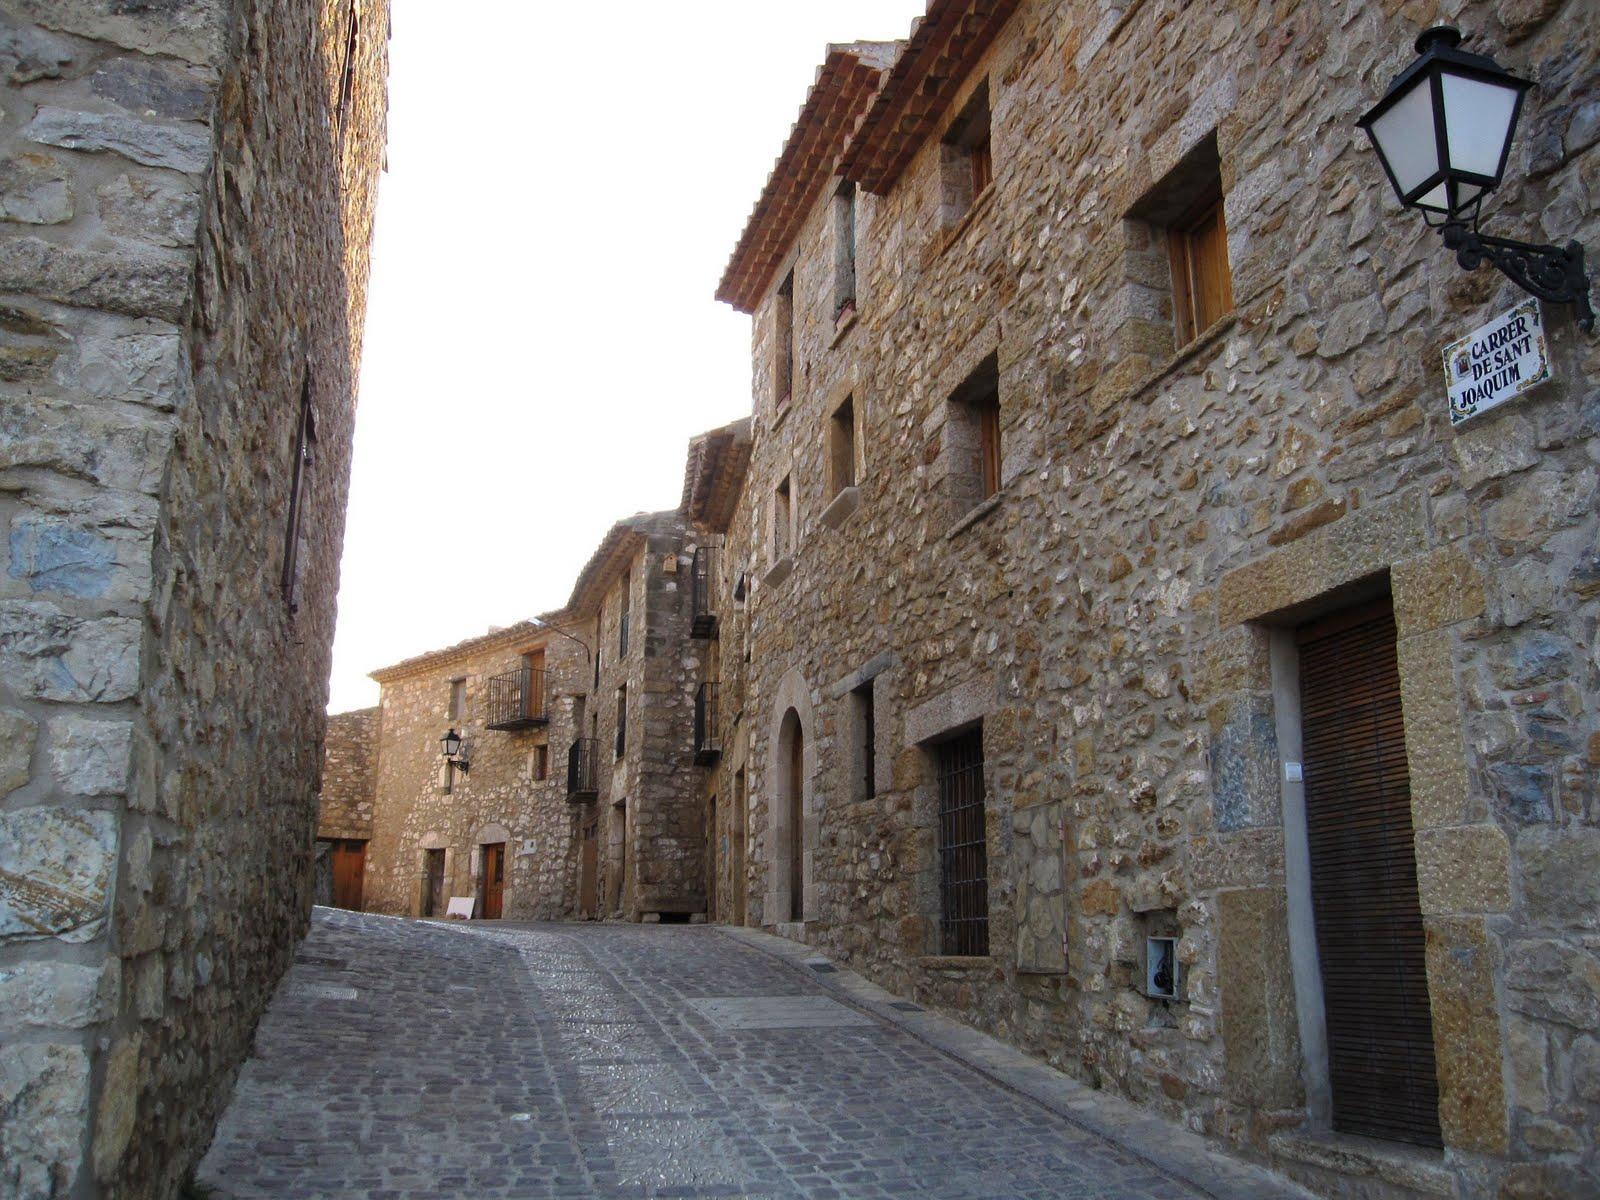 Calle de Culla. Autor, Manuel Coronado Gil